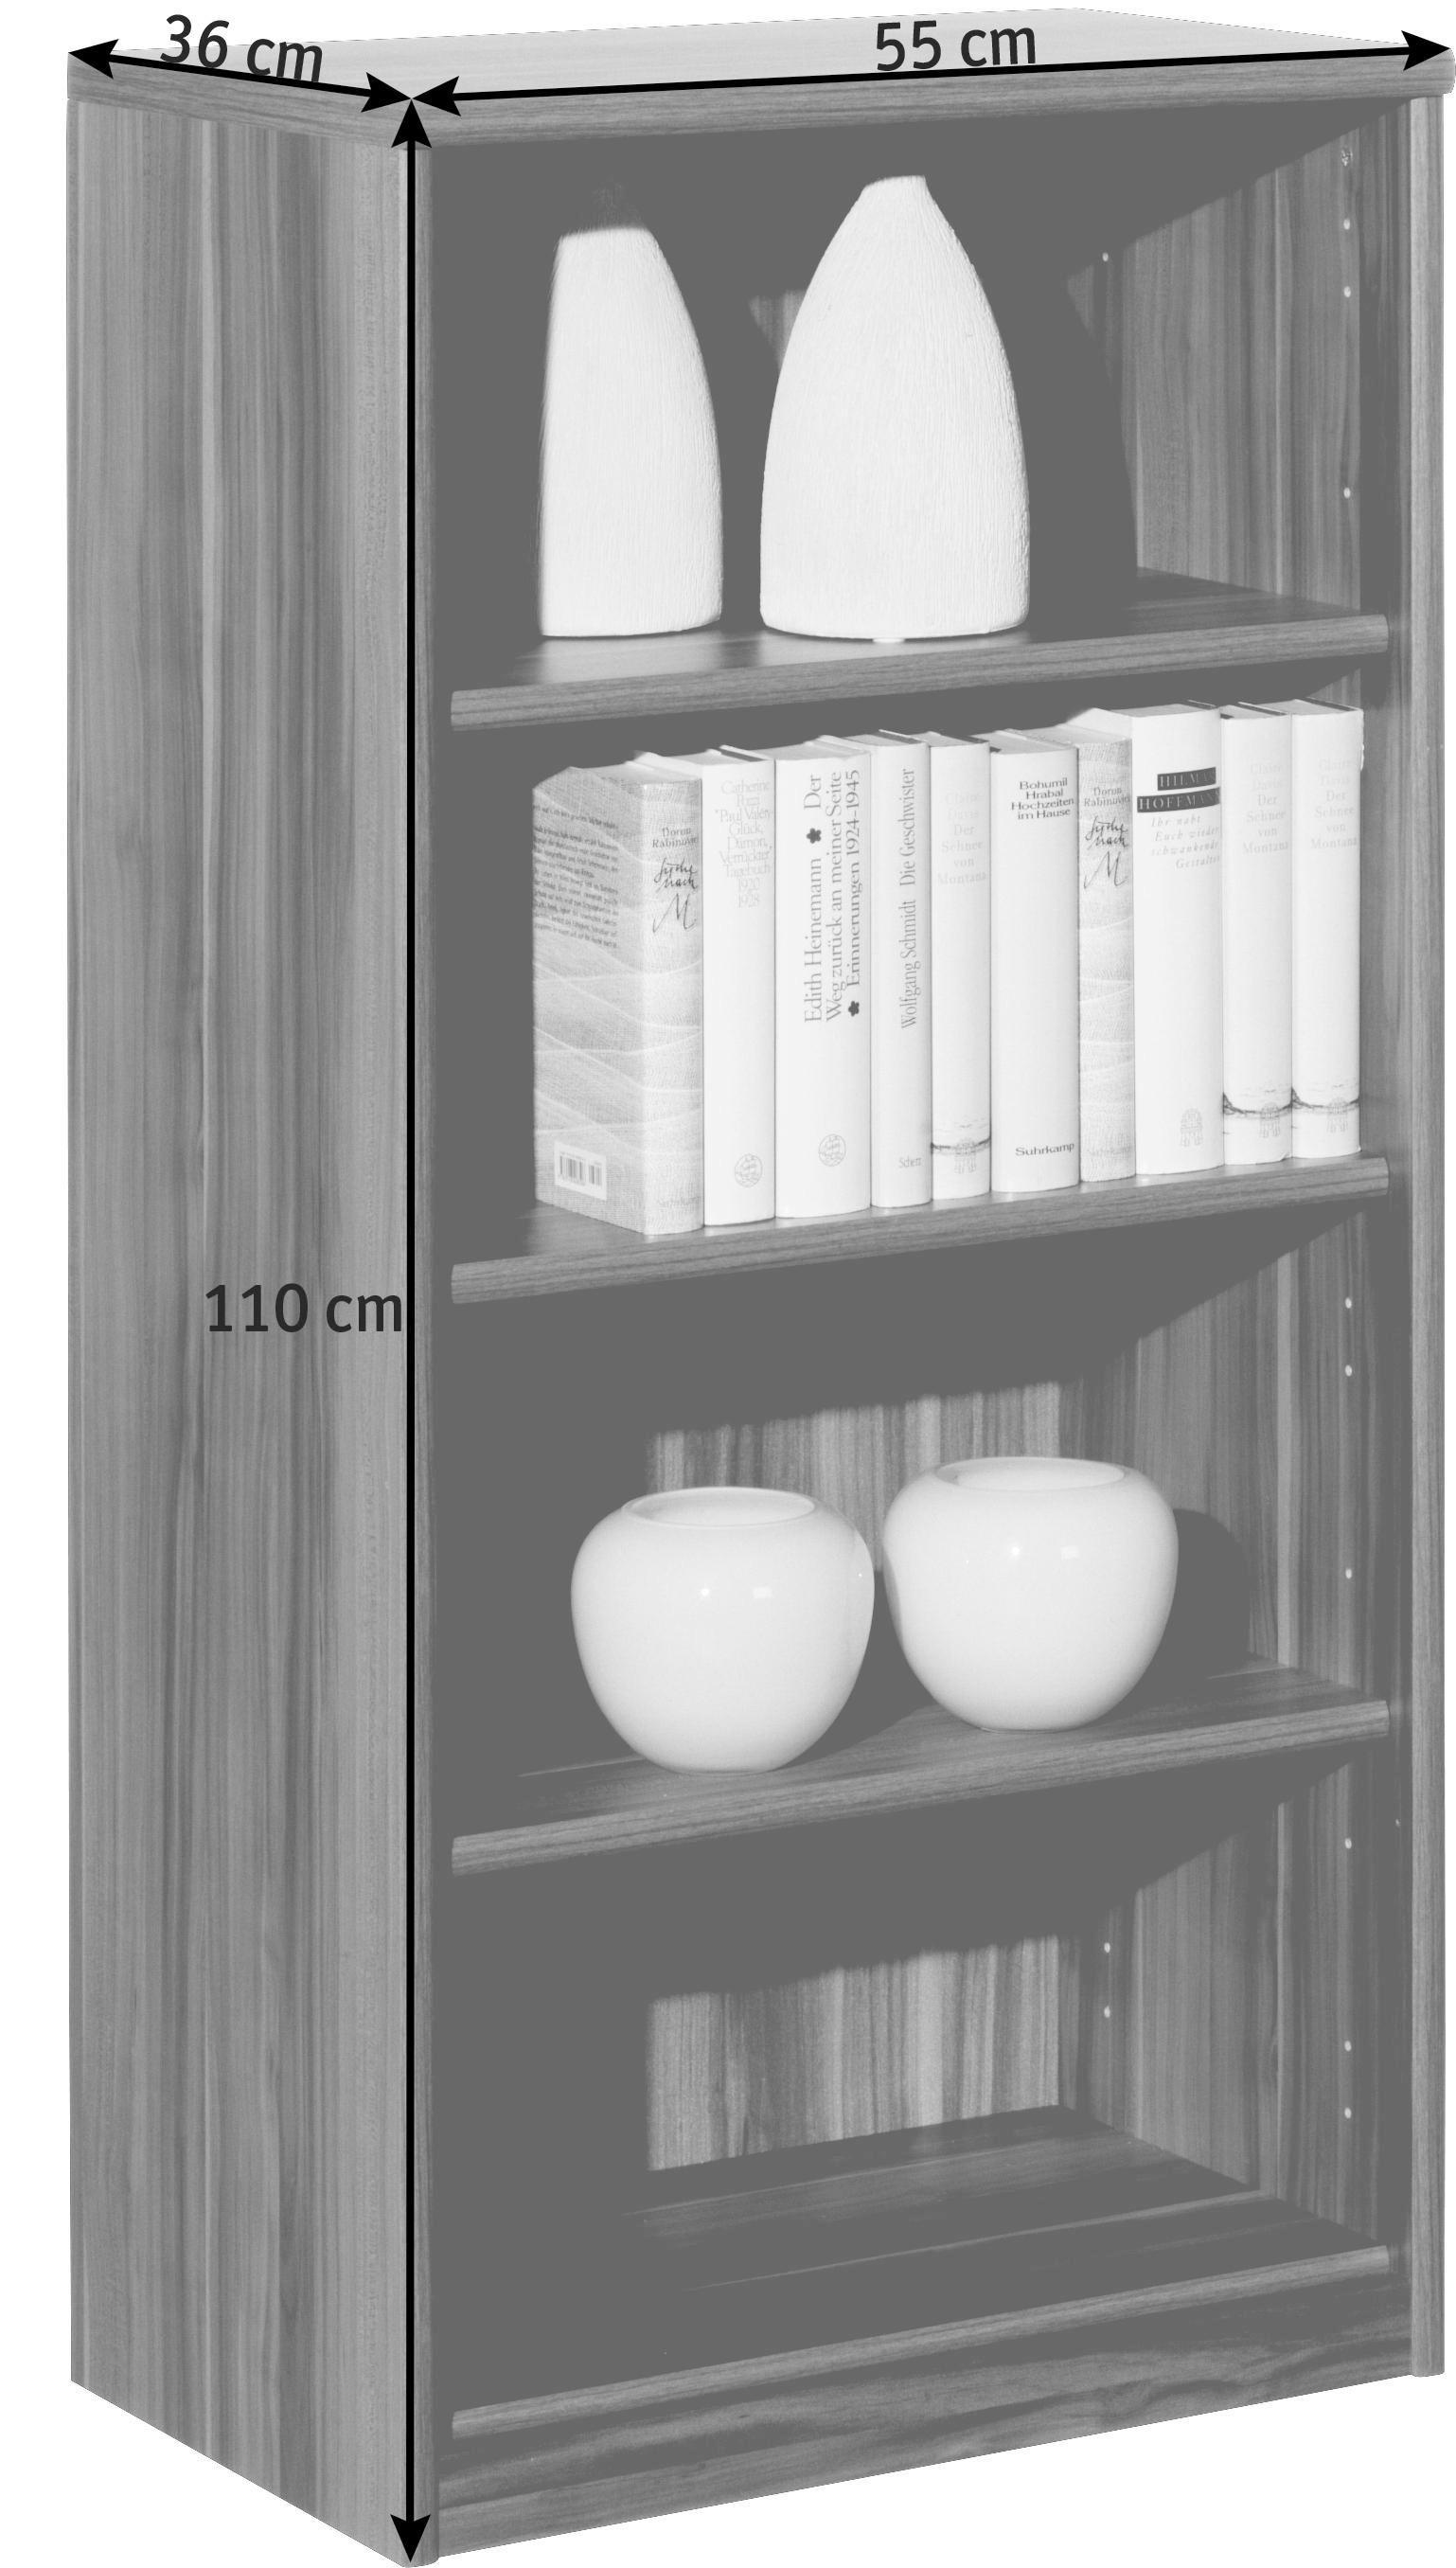 REGAL in 55/110/36 cm Ahornfarben - Ahornfarben, KONVENTIONELL, Holzwerkstoff (55/110/36cm) - CS SCHMAL